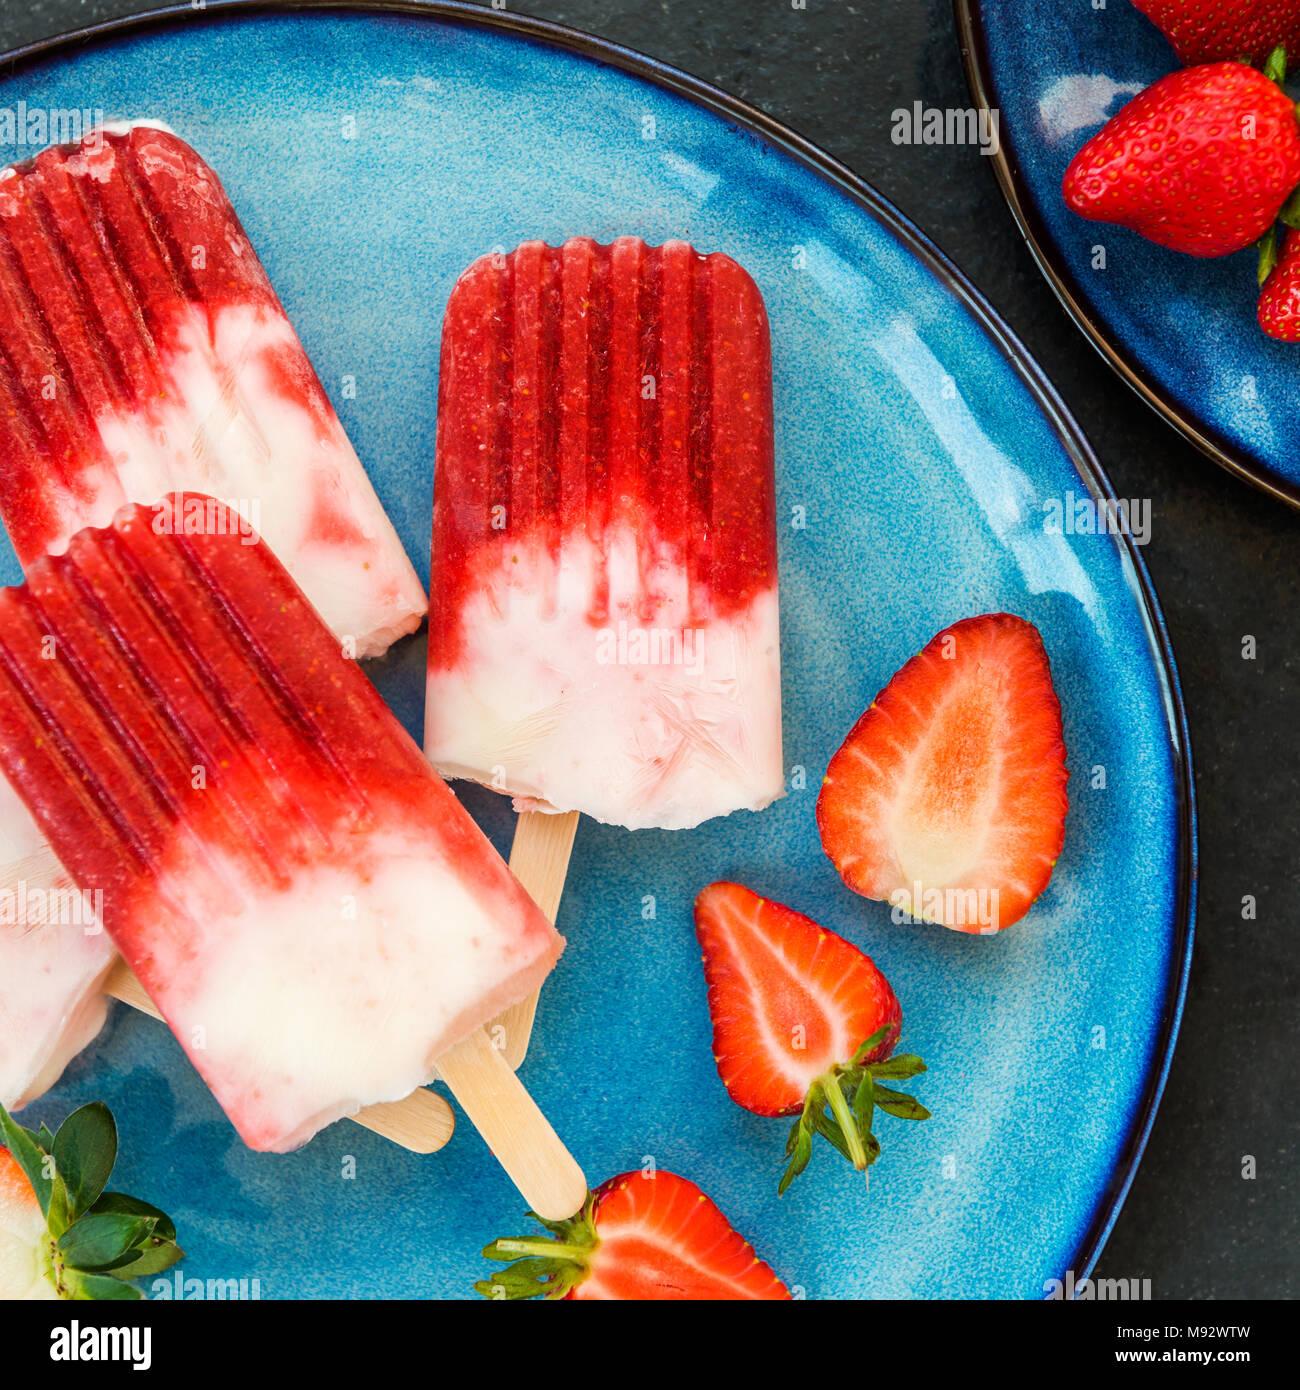 Hausgemachte Vegan Erdbeere Popsicle mit Erdbeersaft und Kokosmilch auf dunklem Marmor Hintergrund. Sommer essen Konzept. Ansicht von oben. Stockbild